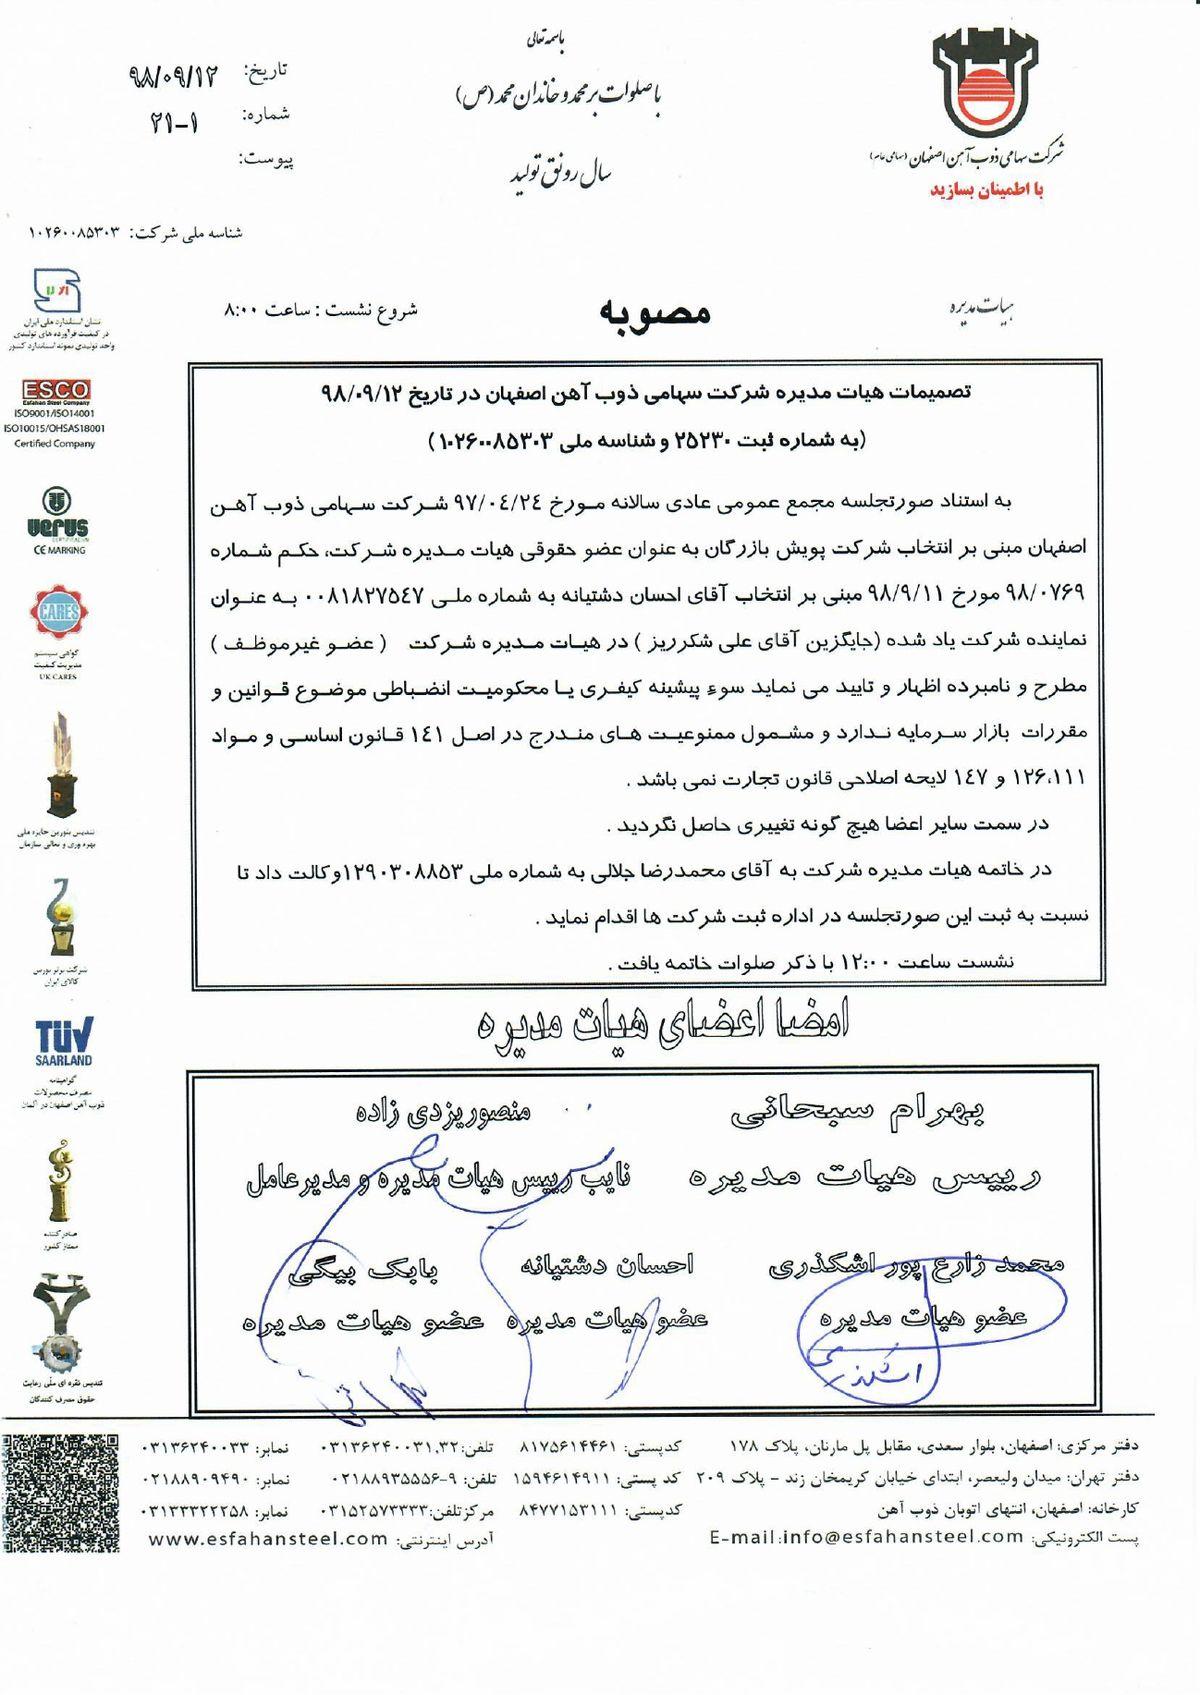 تغییر در هیئت مدیره ذوب آهن اصفهان